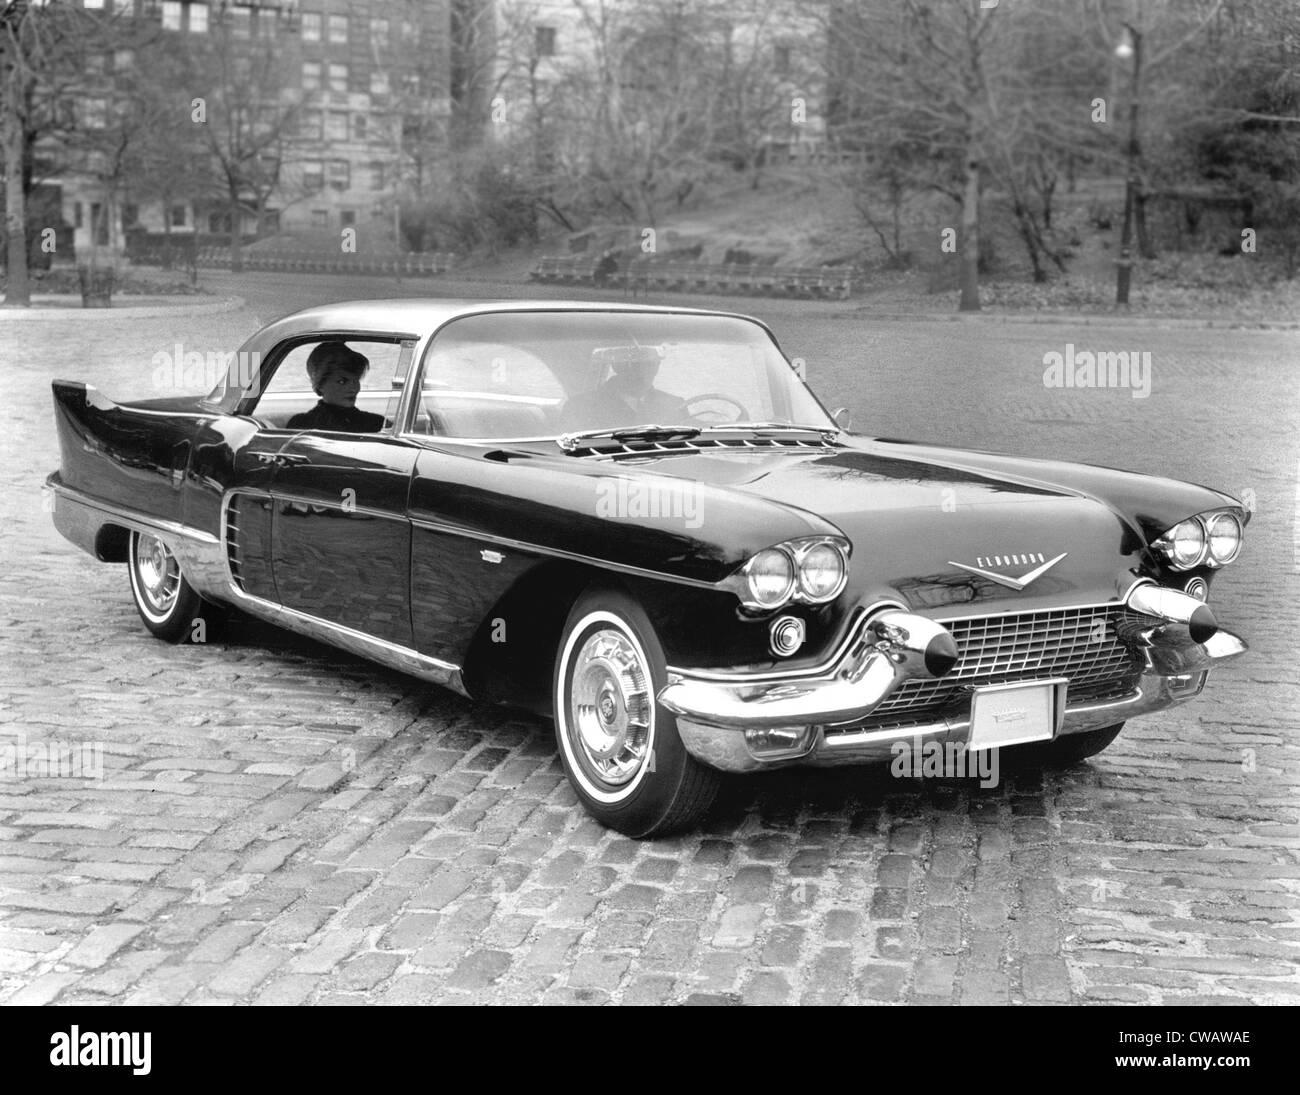 Cadillac Eldorado Broughman, 1950's. Courtesy: CSU Archives / Everett Collection - Stock Image